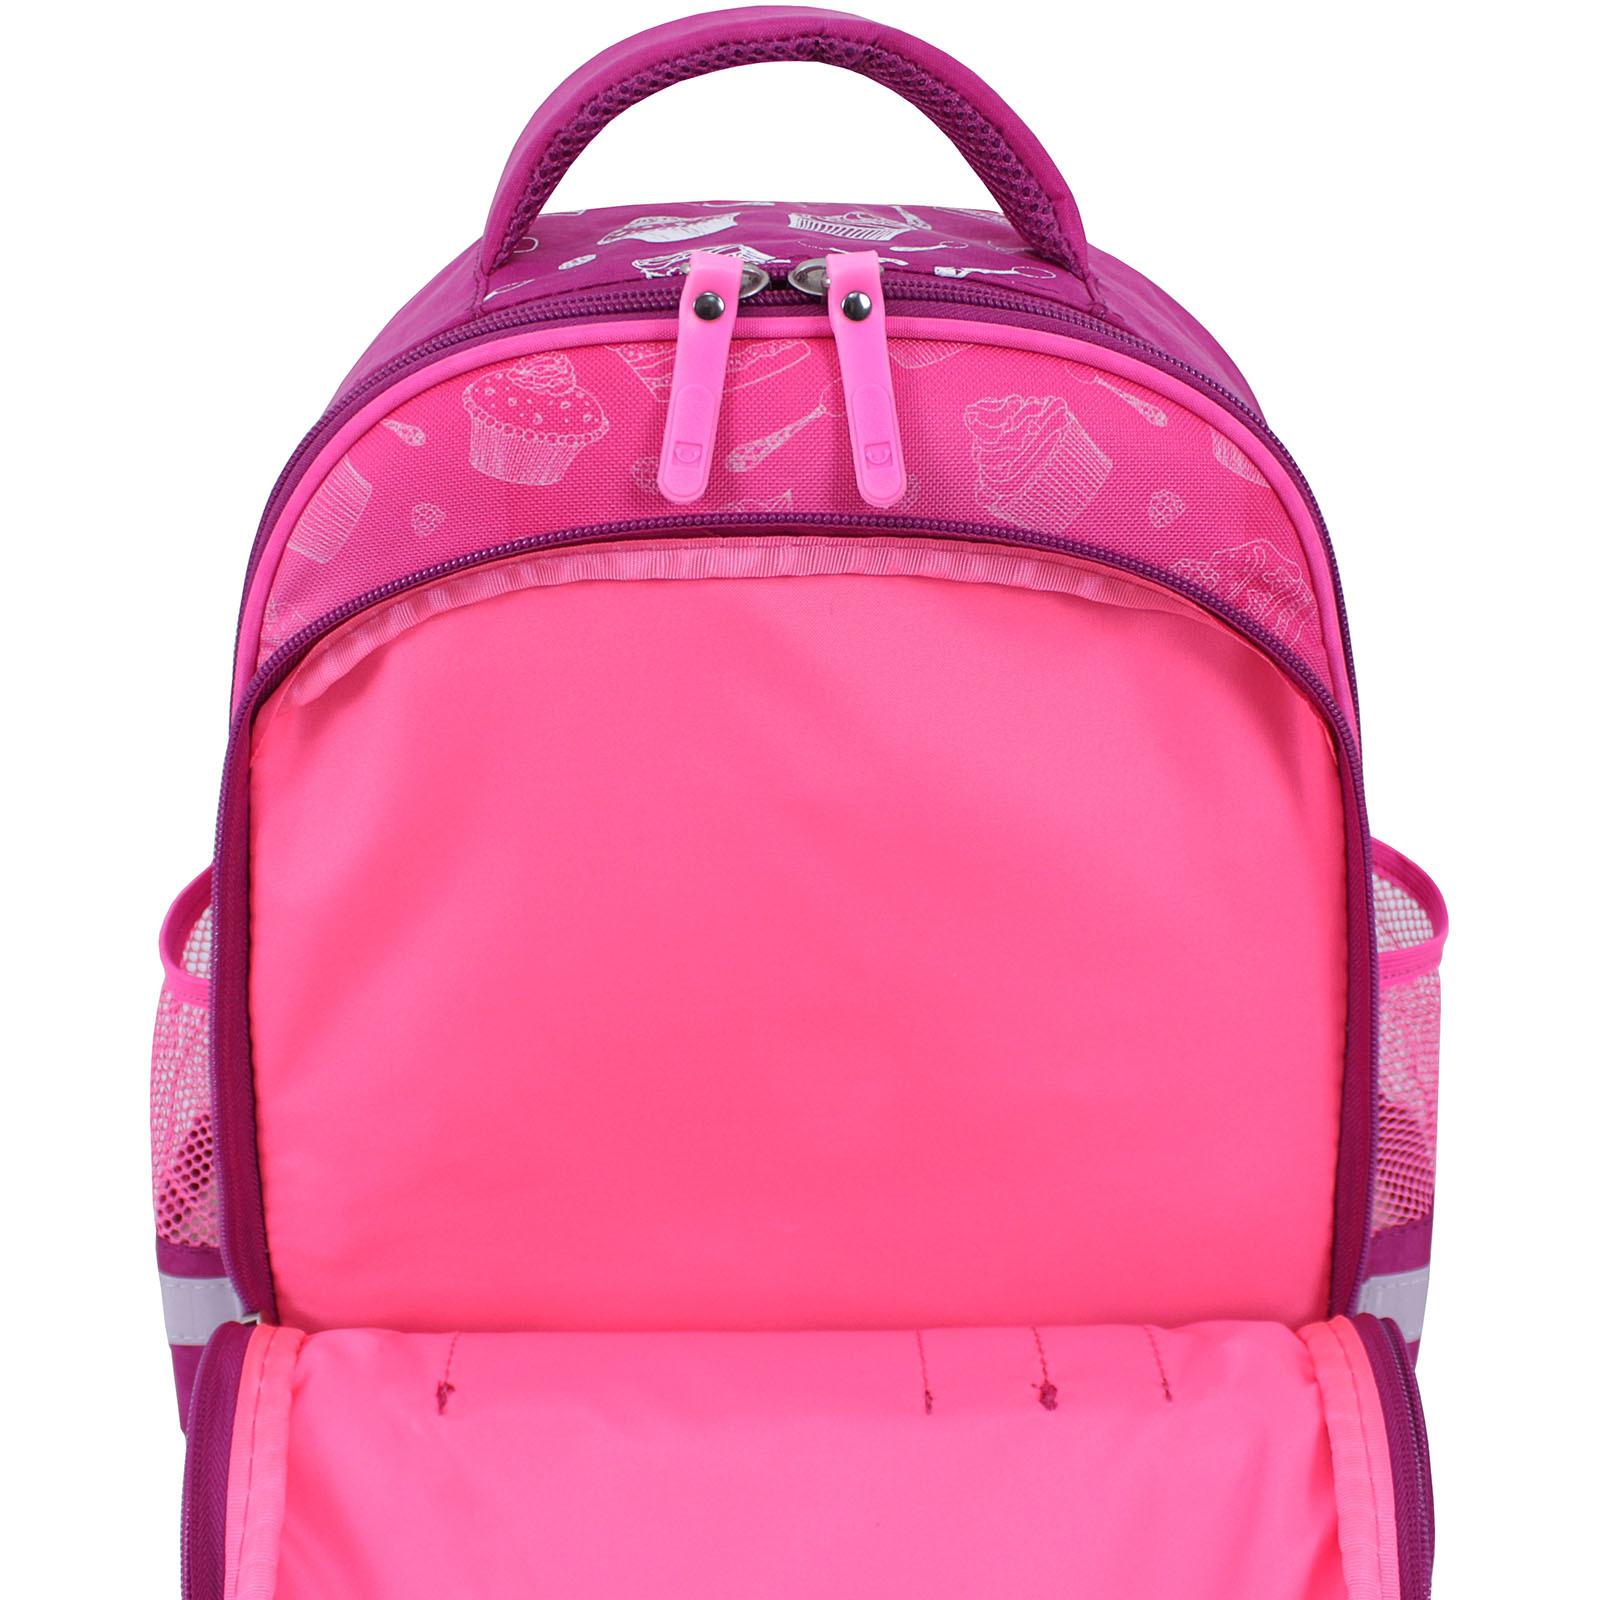 Рюкзак школьный Bagland Mouse 143 малиновый 593 (0051370) фото 4